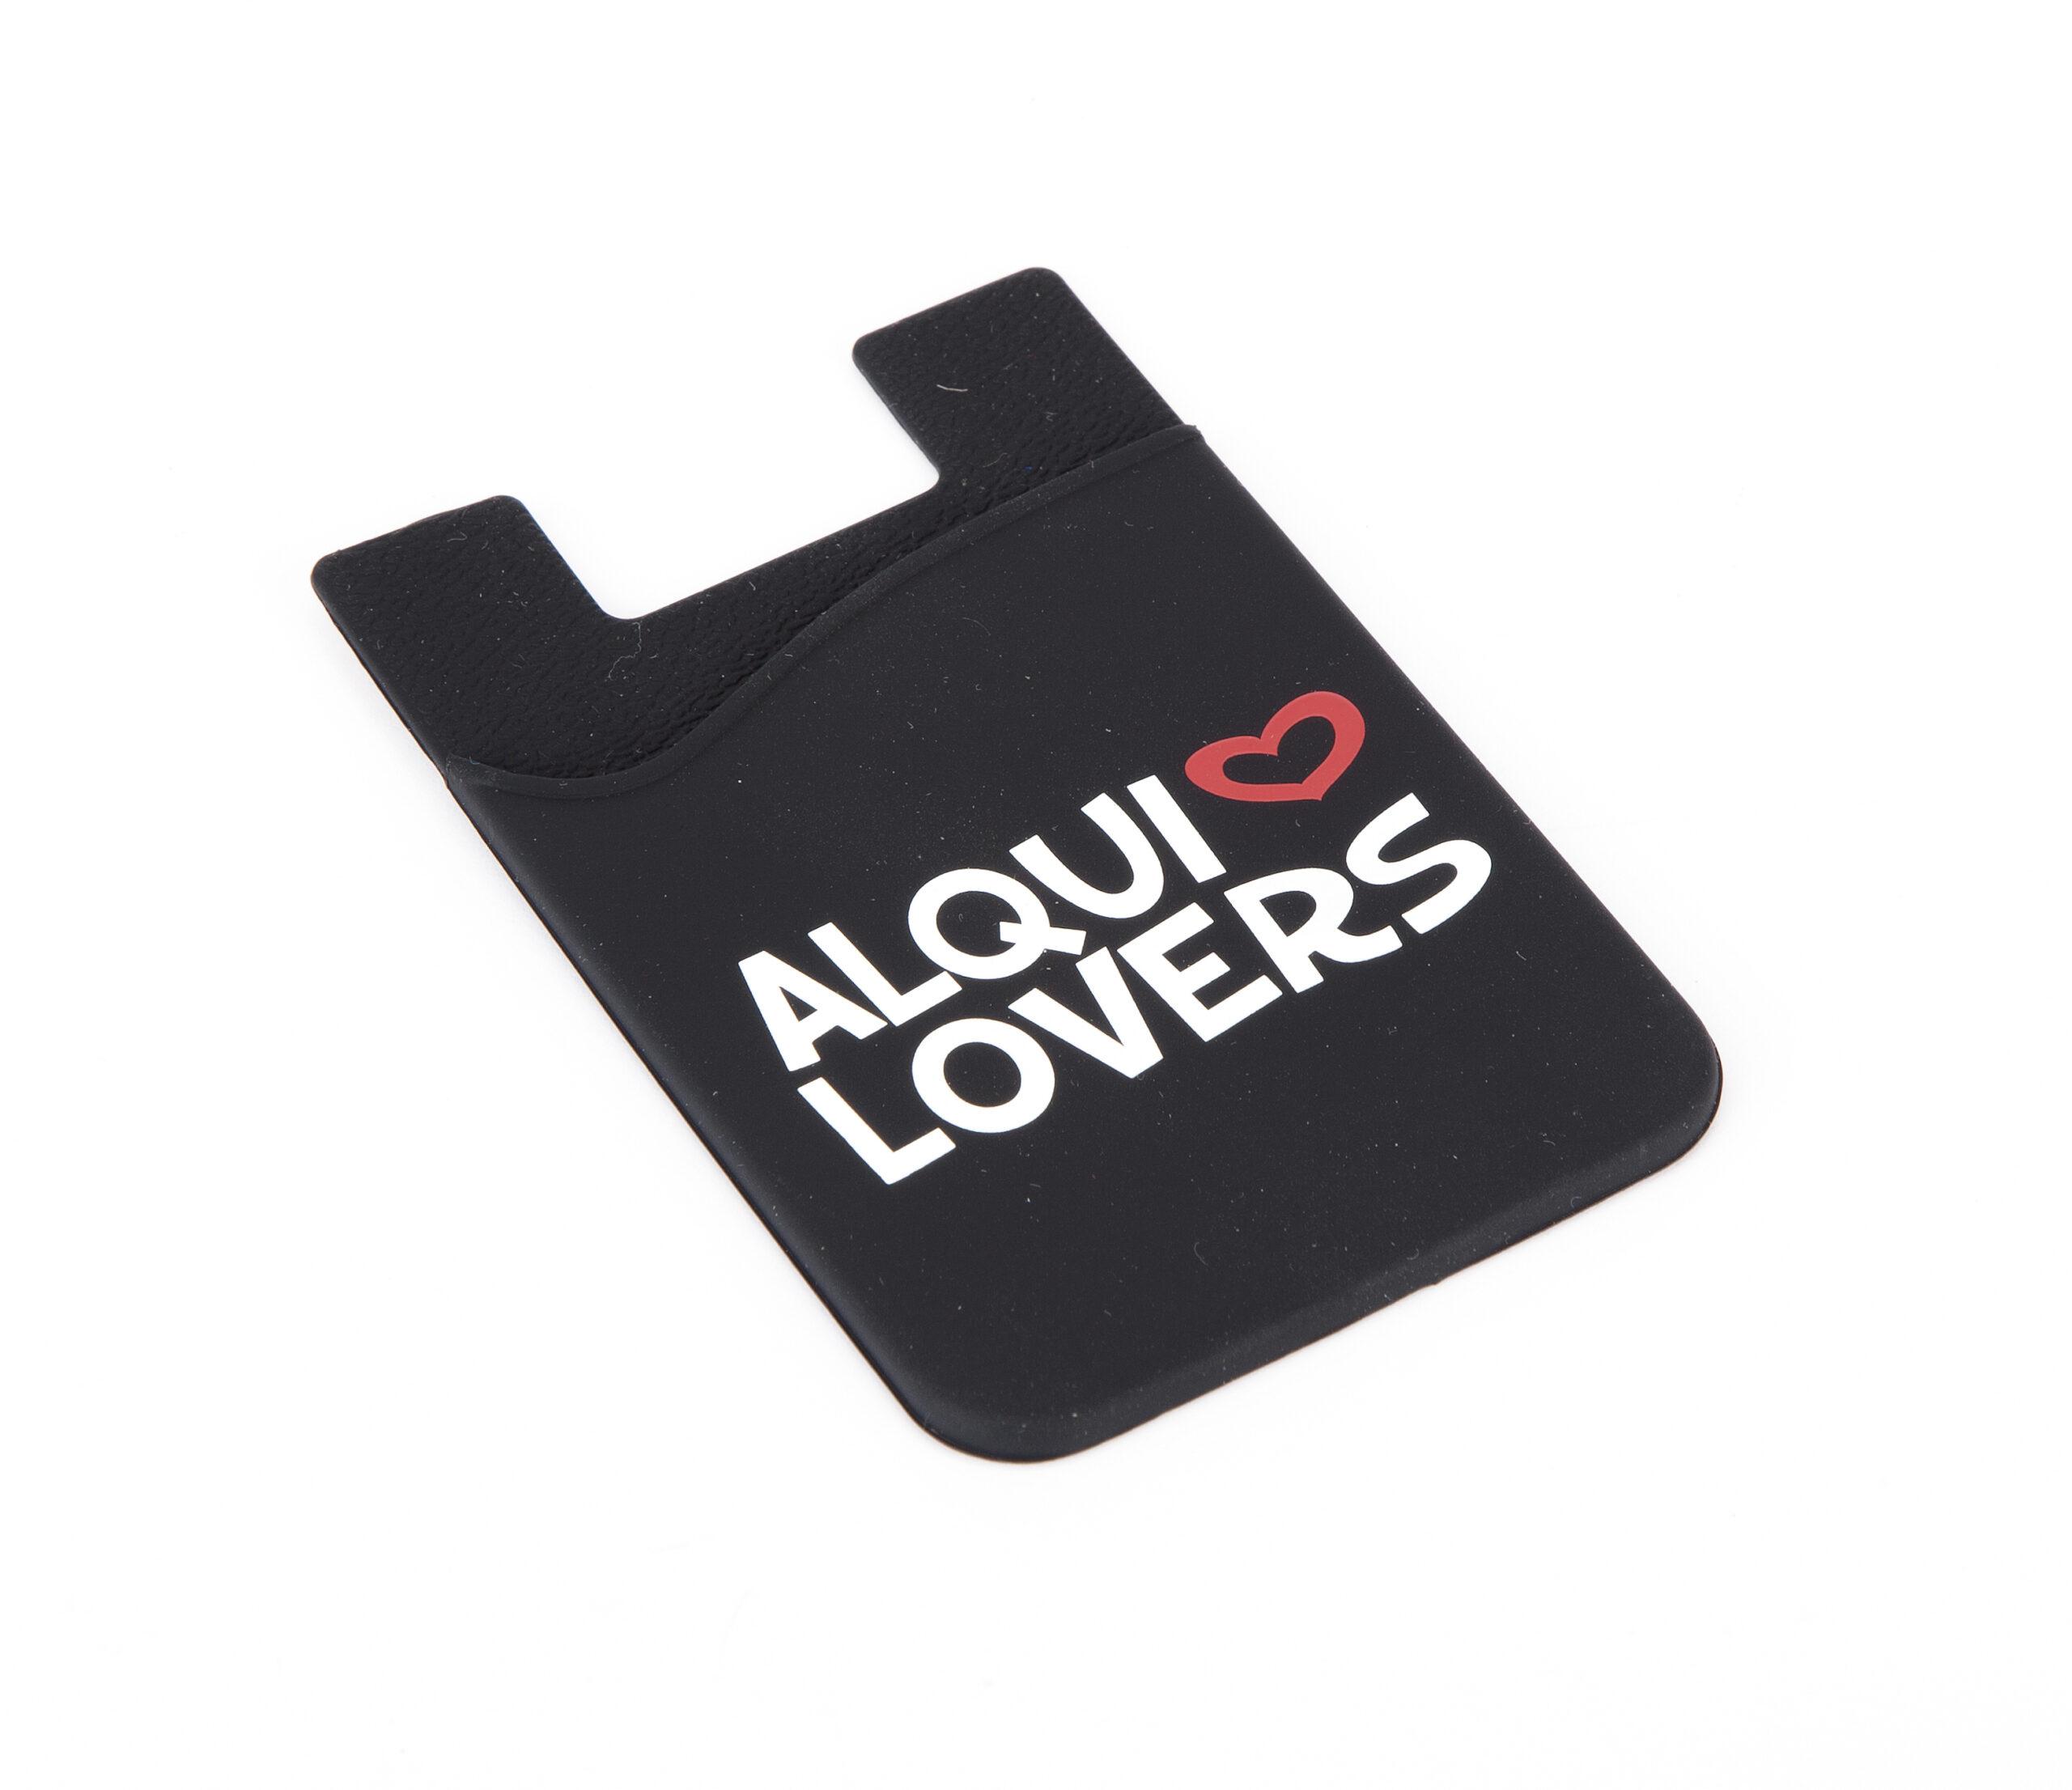 Card holder for smartphone